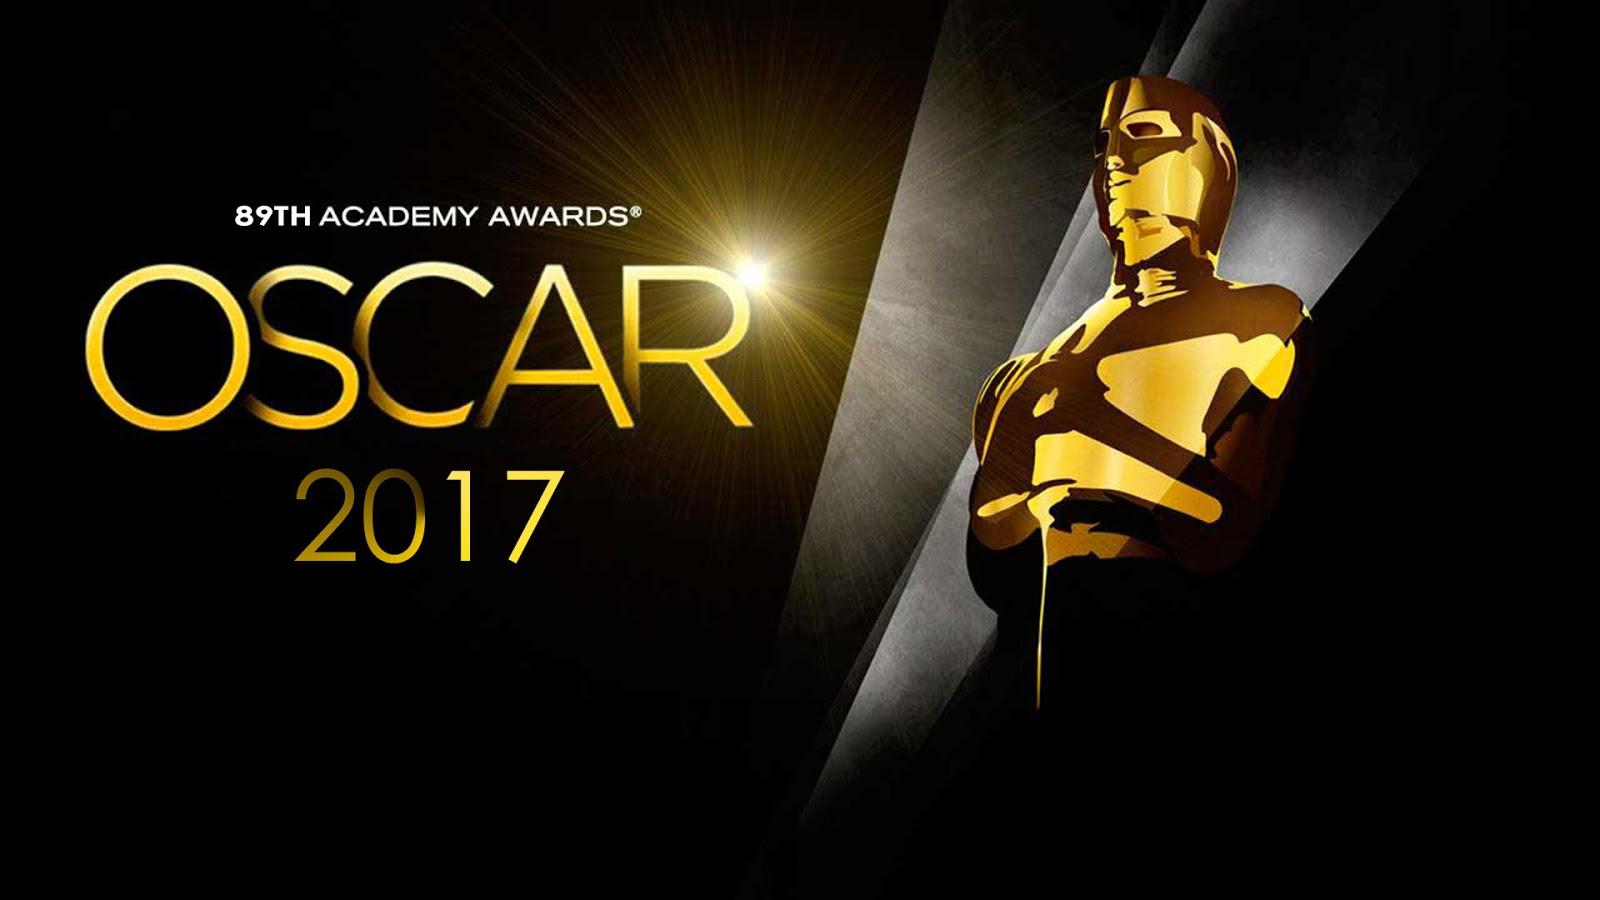 OSCAR 2017: Saiba mais sobre os indicados a Melhor Filme